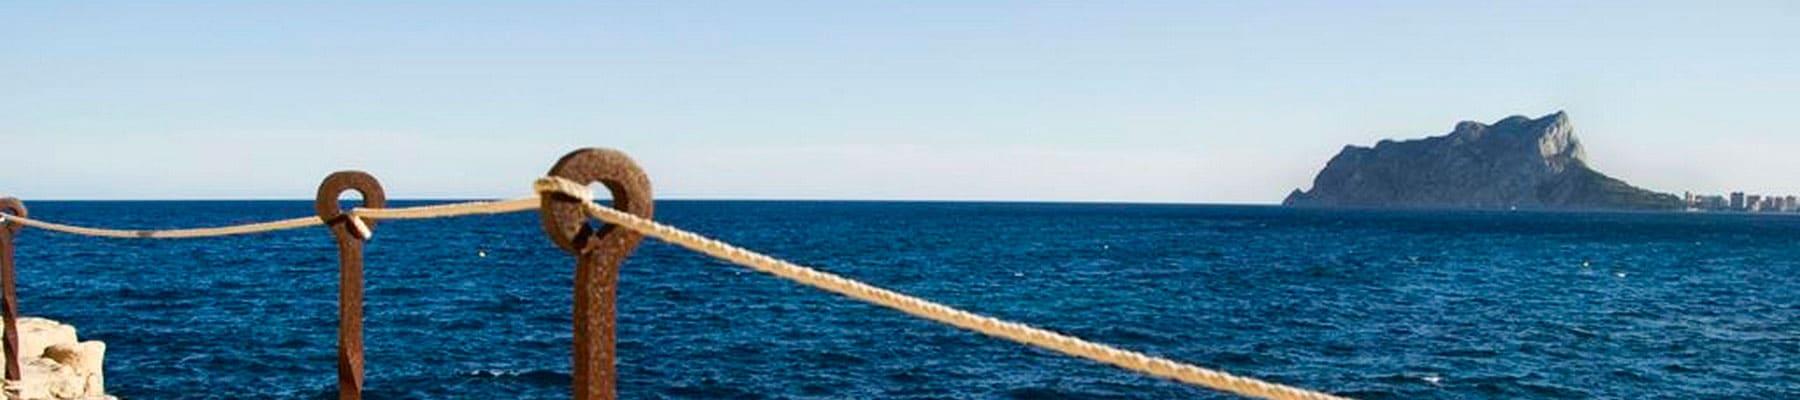 Aviso Legal - Punt Nautic Marina Alta Creama